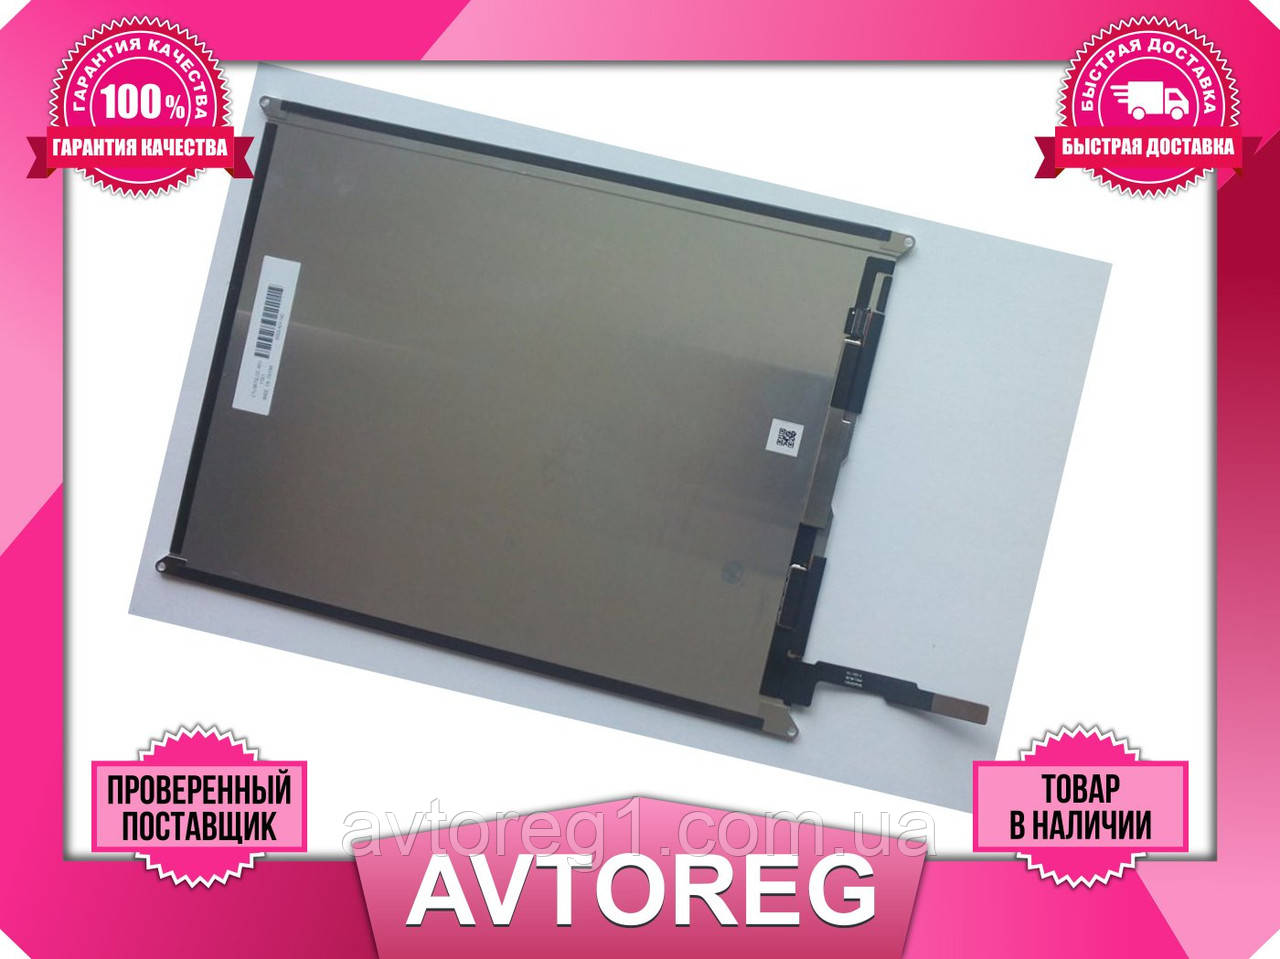 Дисплей (матрица) iPad 5 Air LTL09QL02-W01 1521